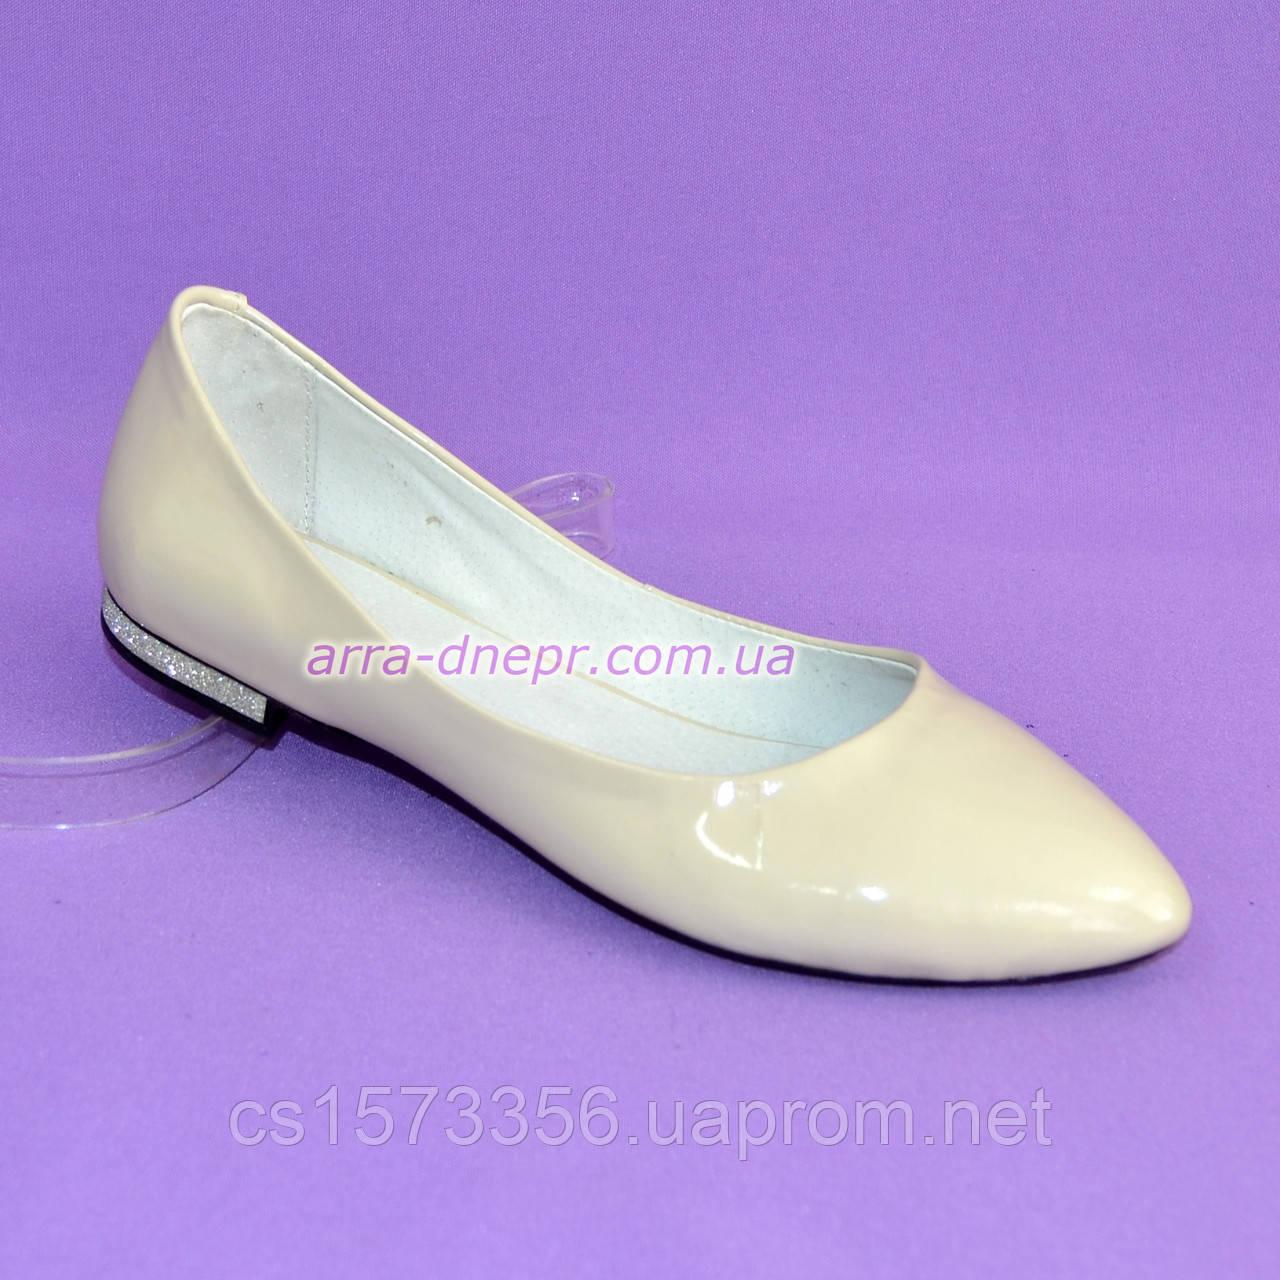 951a2f32a332 Женские туфли из натуральной лаковой кожи бежевого цвета. ТМ